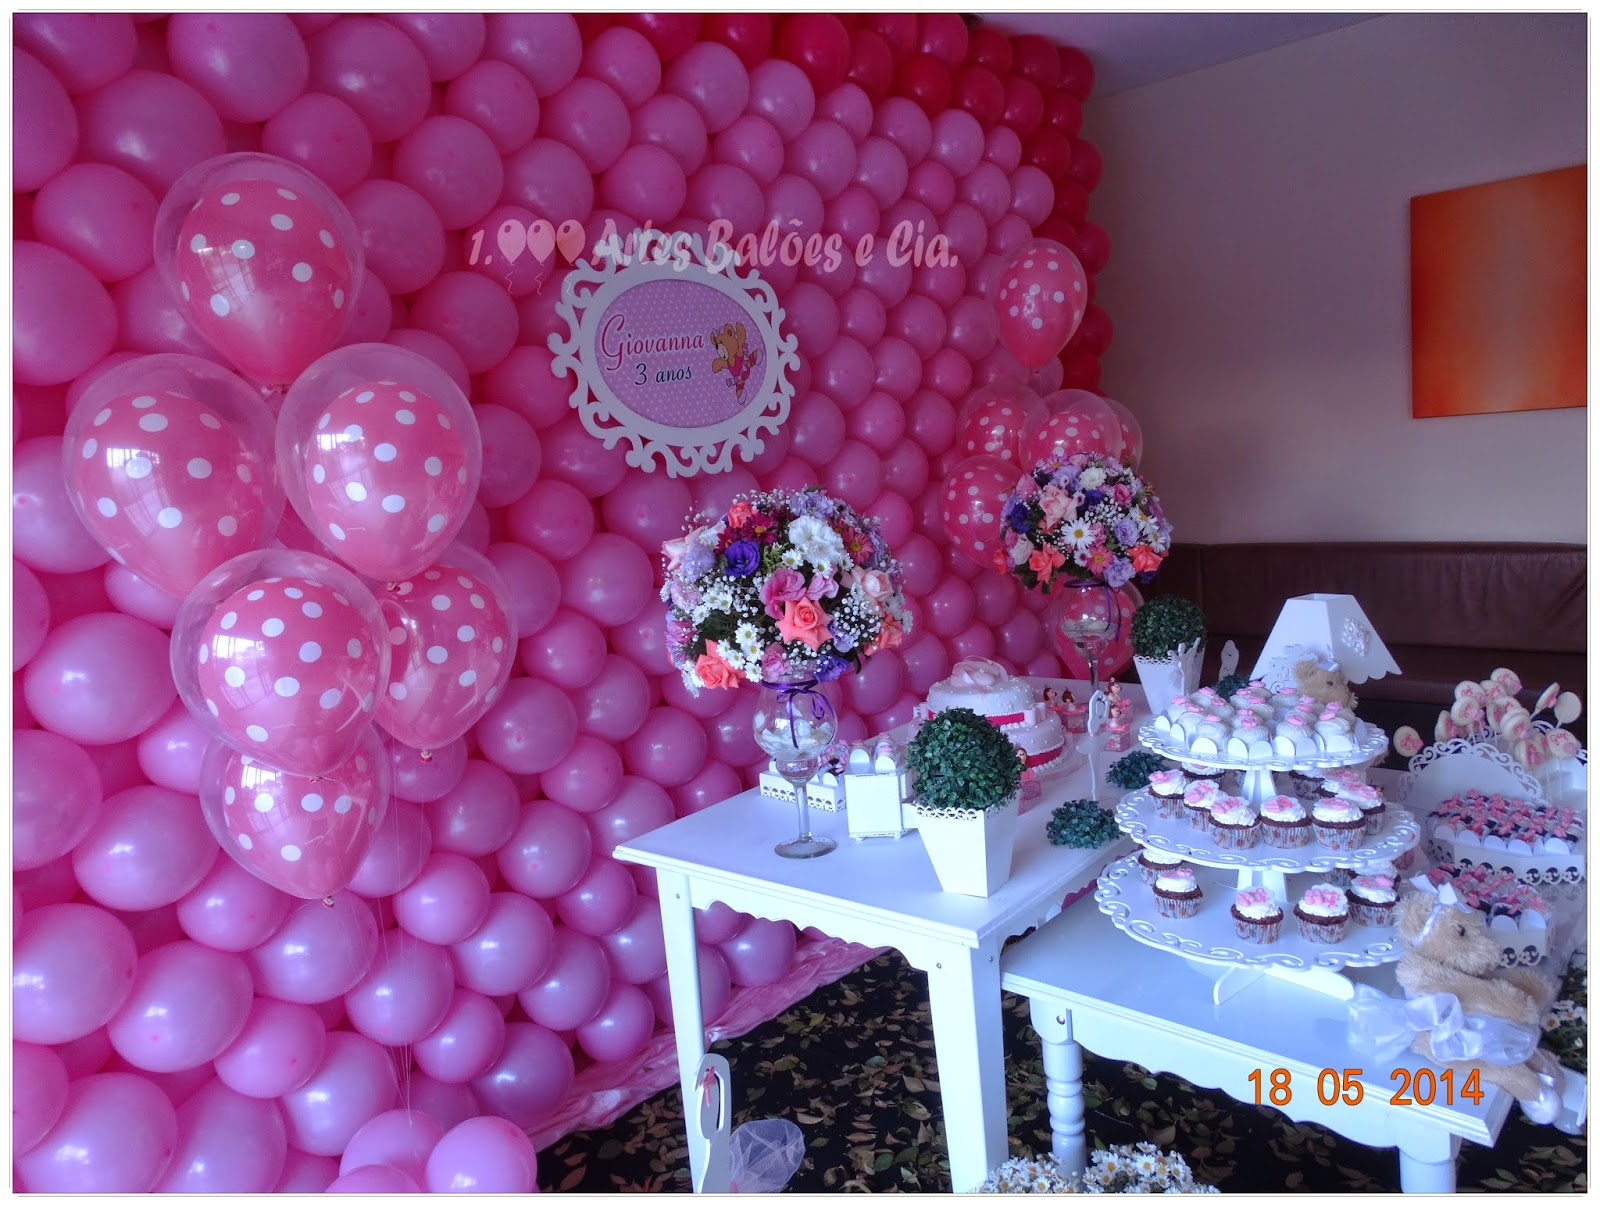 +balões+de+rosa+de+bolinha+branca+da+mil+artes+balões+e+cia+(4)JPG